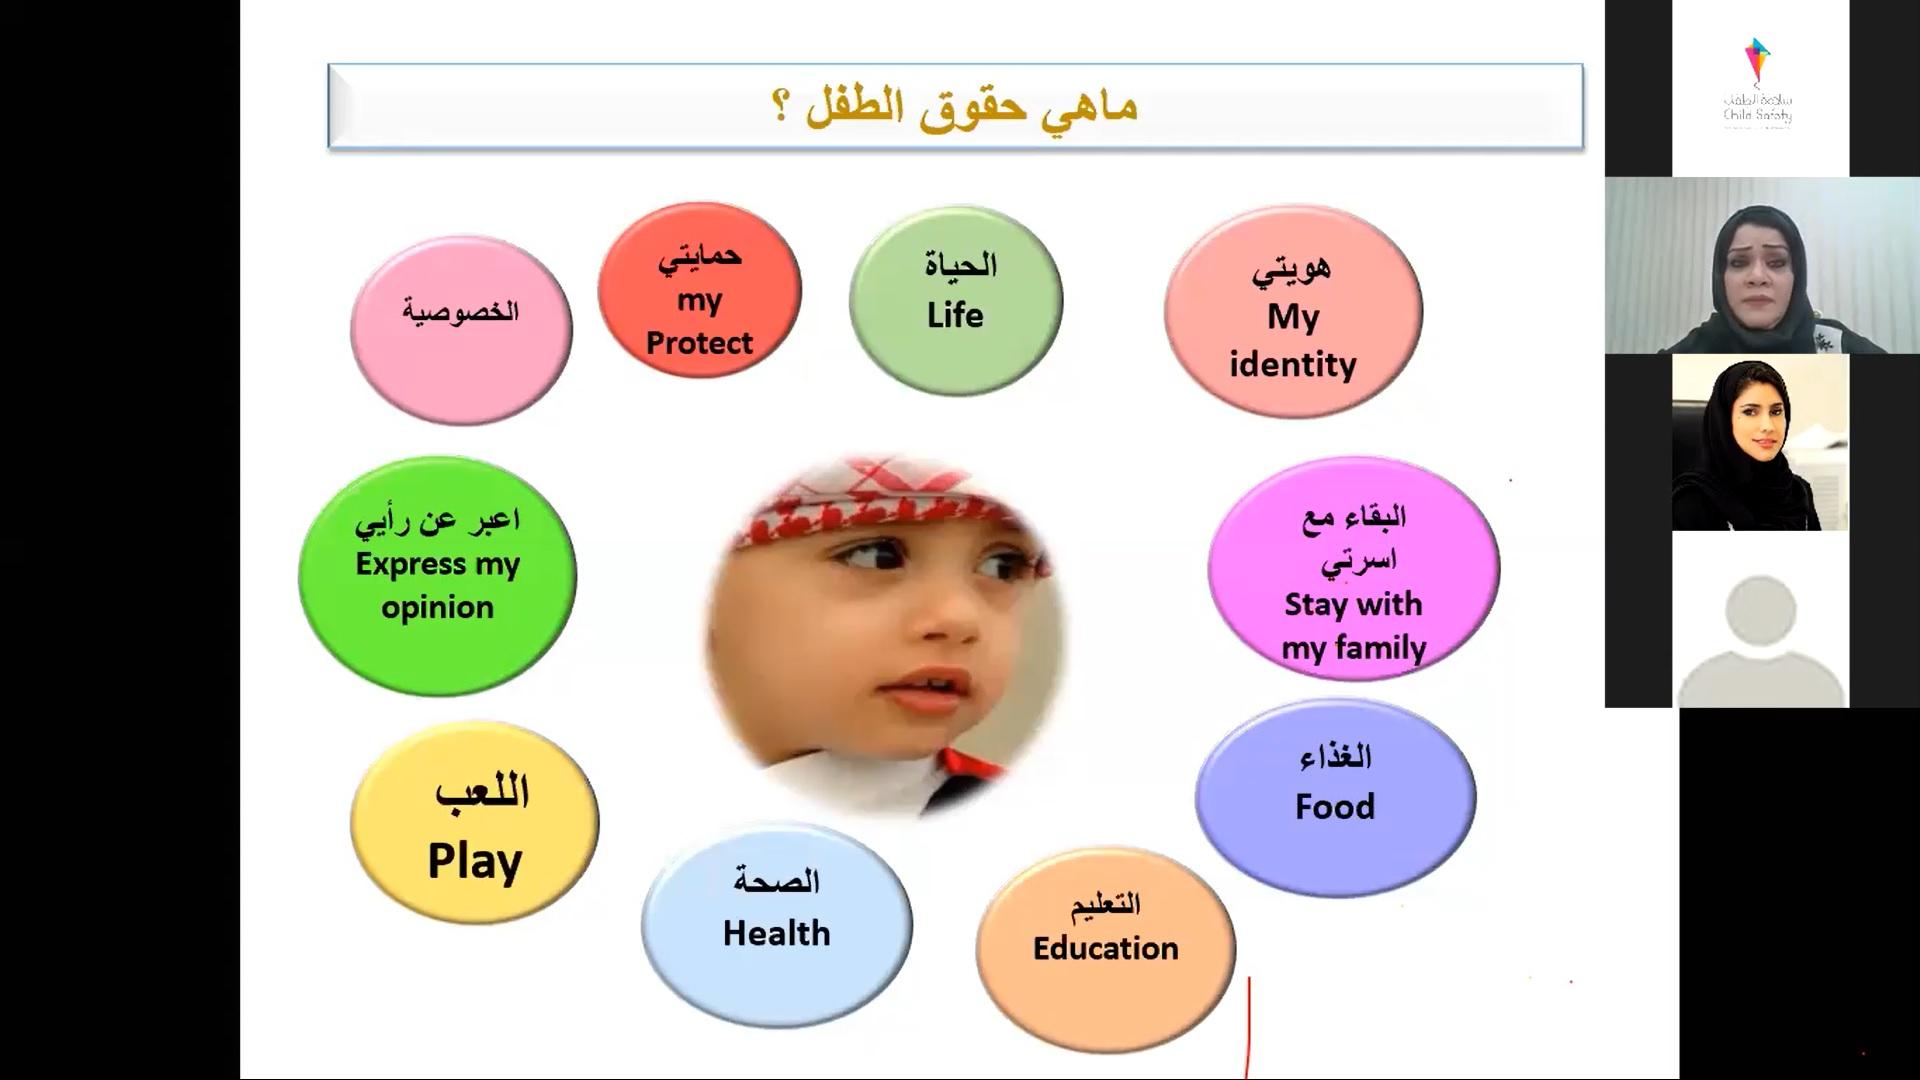 """سلسلة فعاليات """"سلامة الطفل"""" تخاطب أكثر من 12700 طفل وولي أمر"""